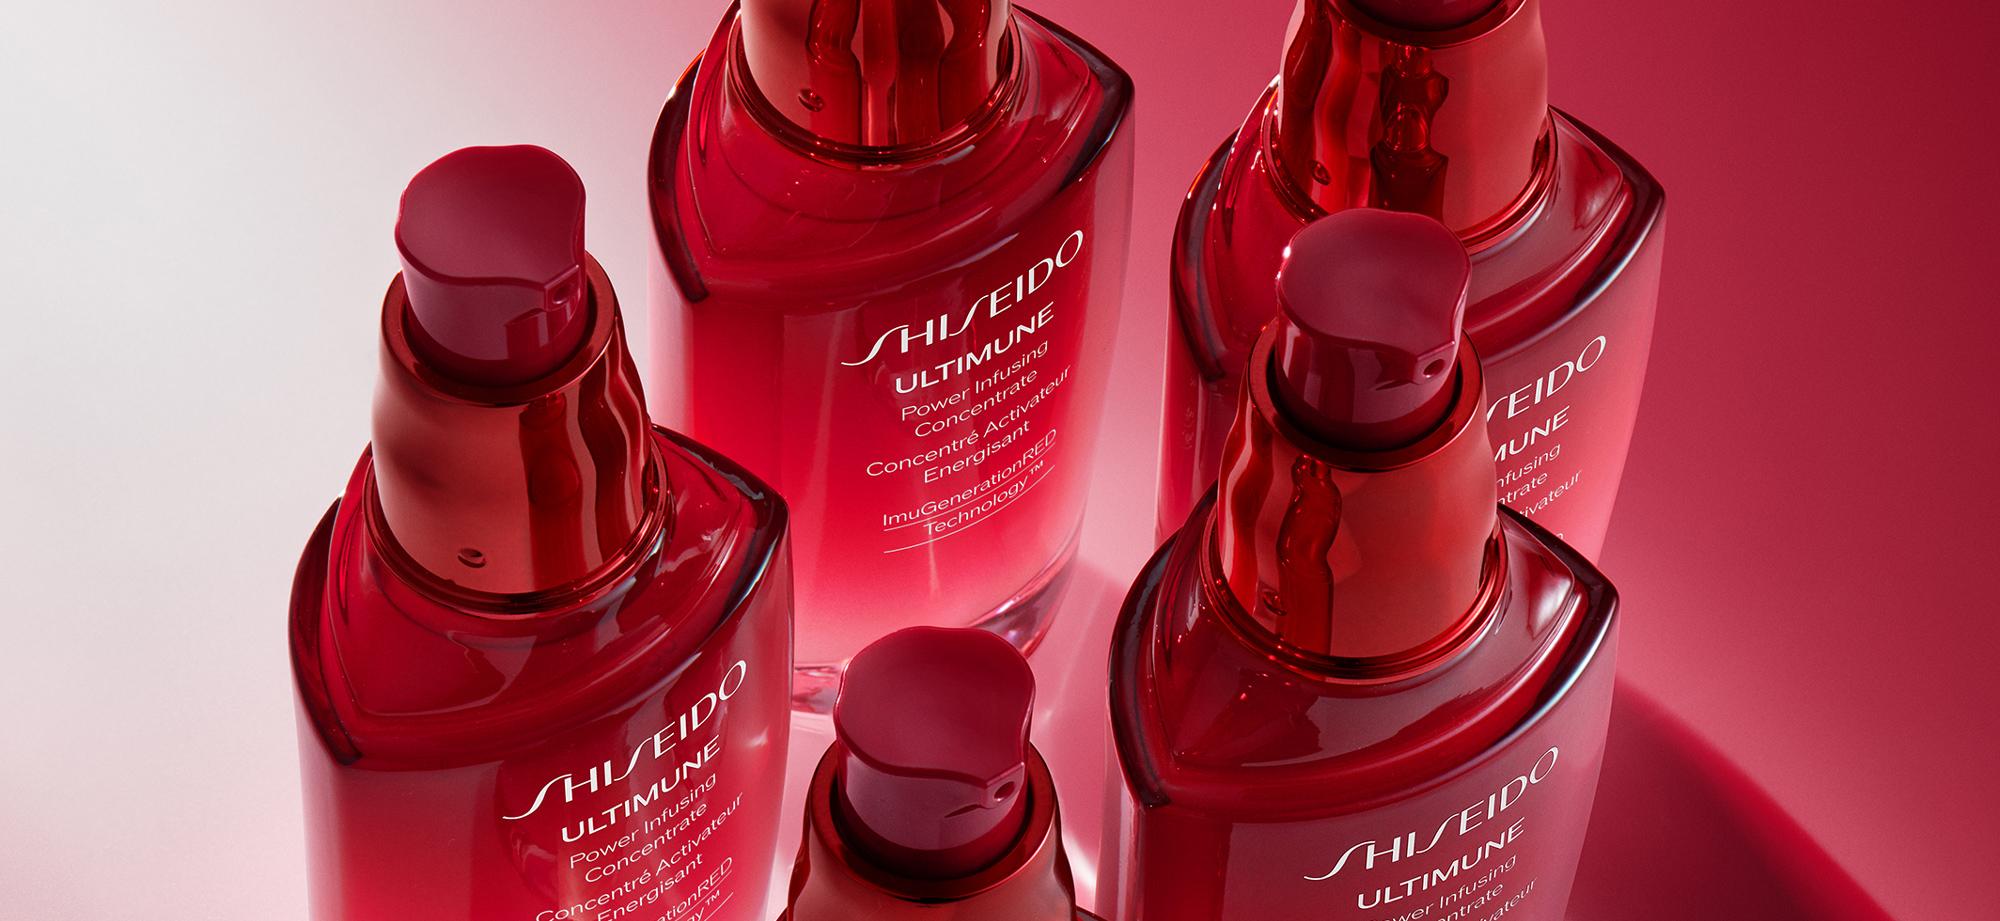 shiseido-entry